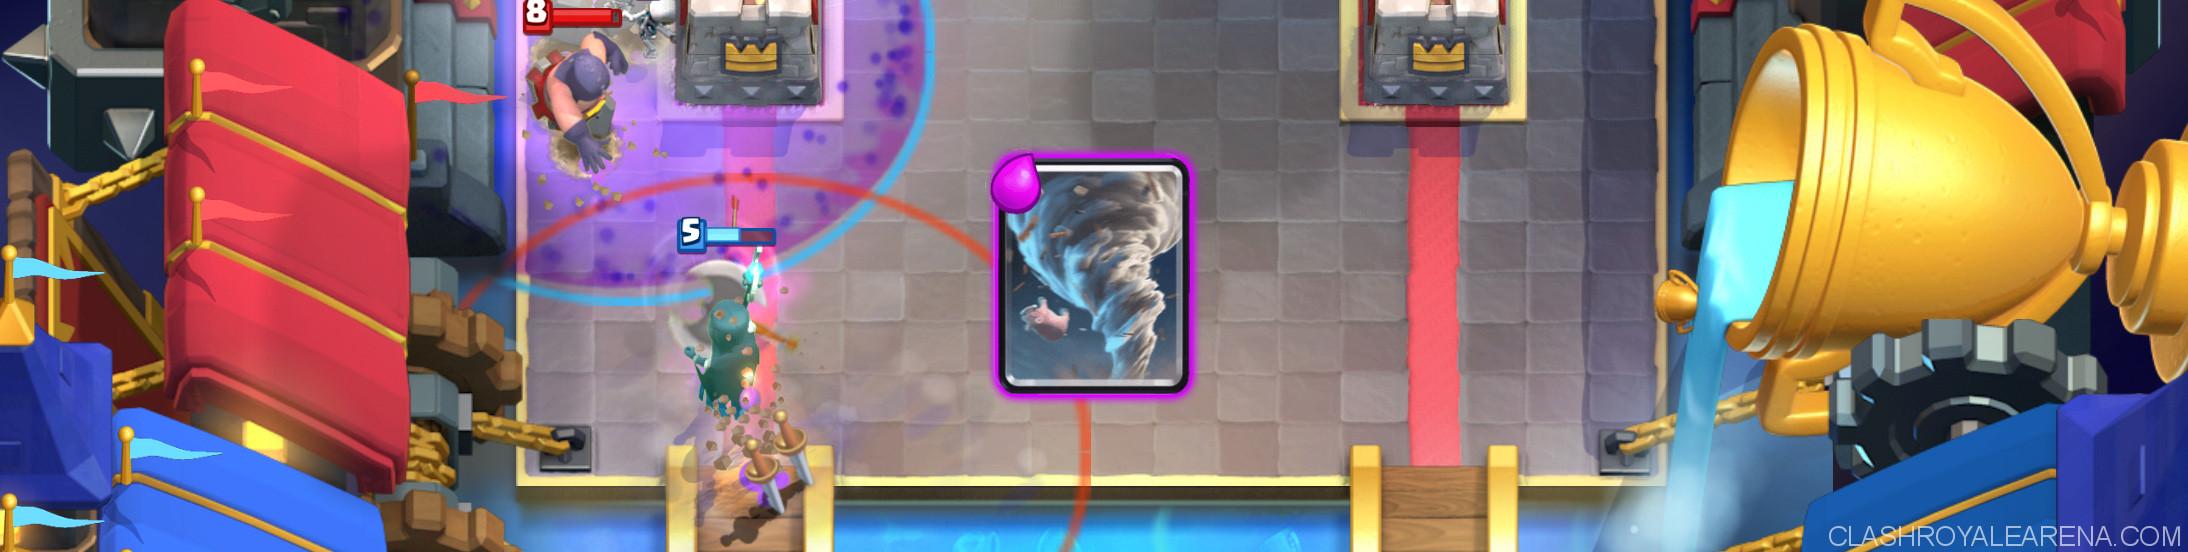 clash royale tornado